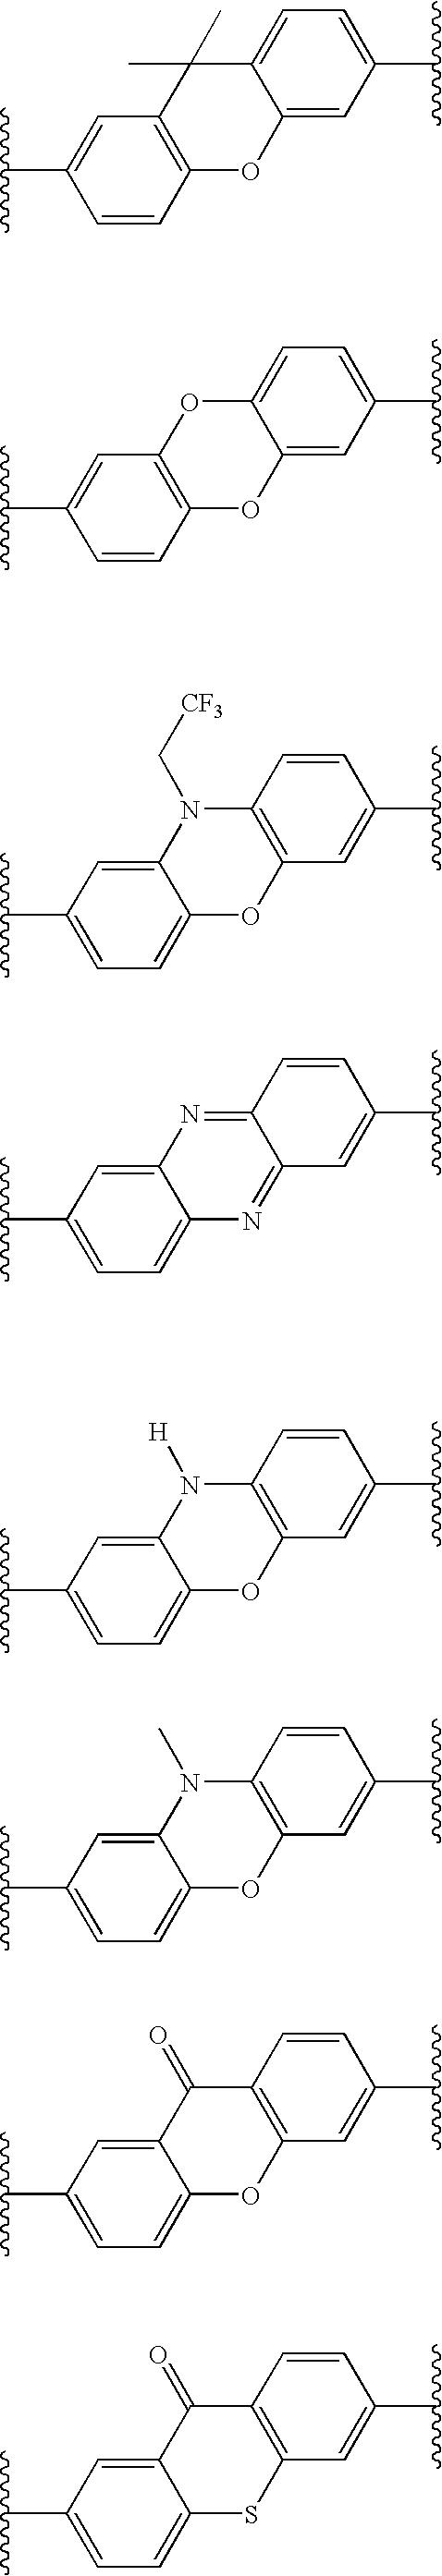 Figure US08088368-20120103-C00194